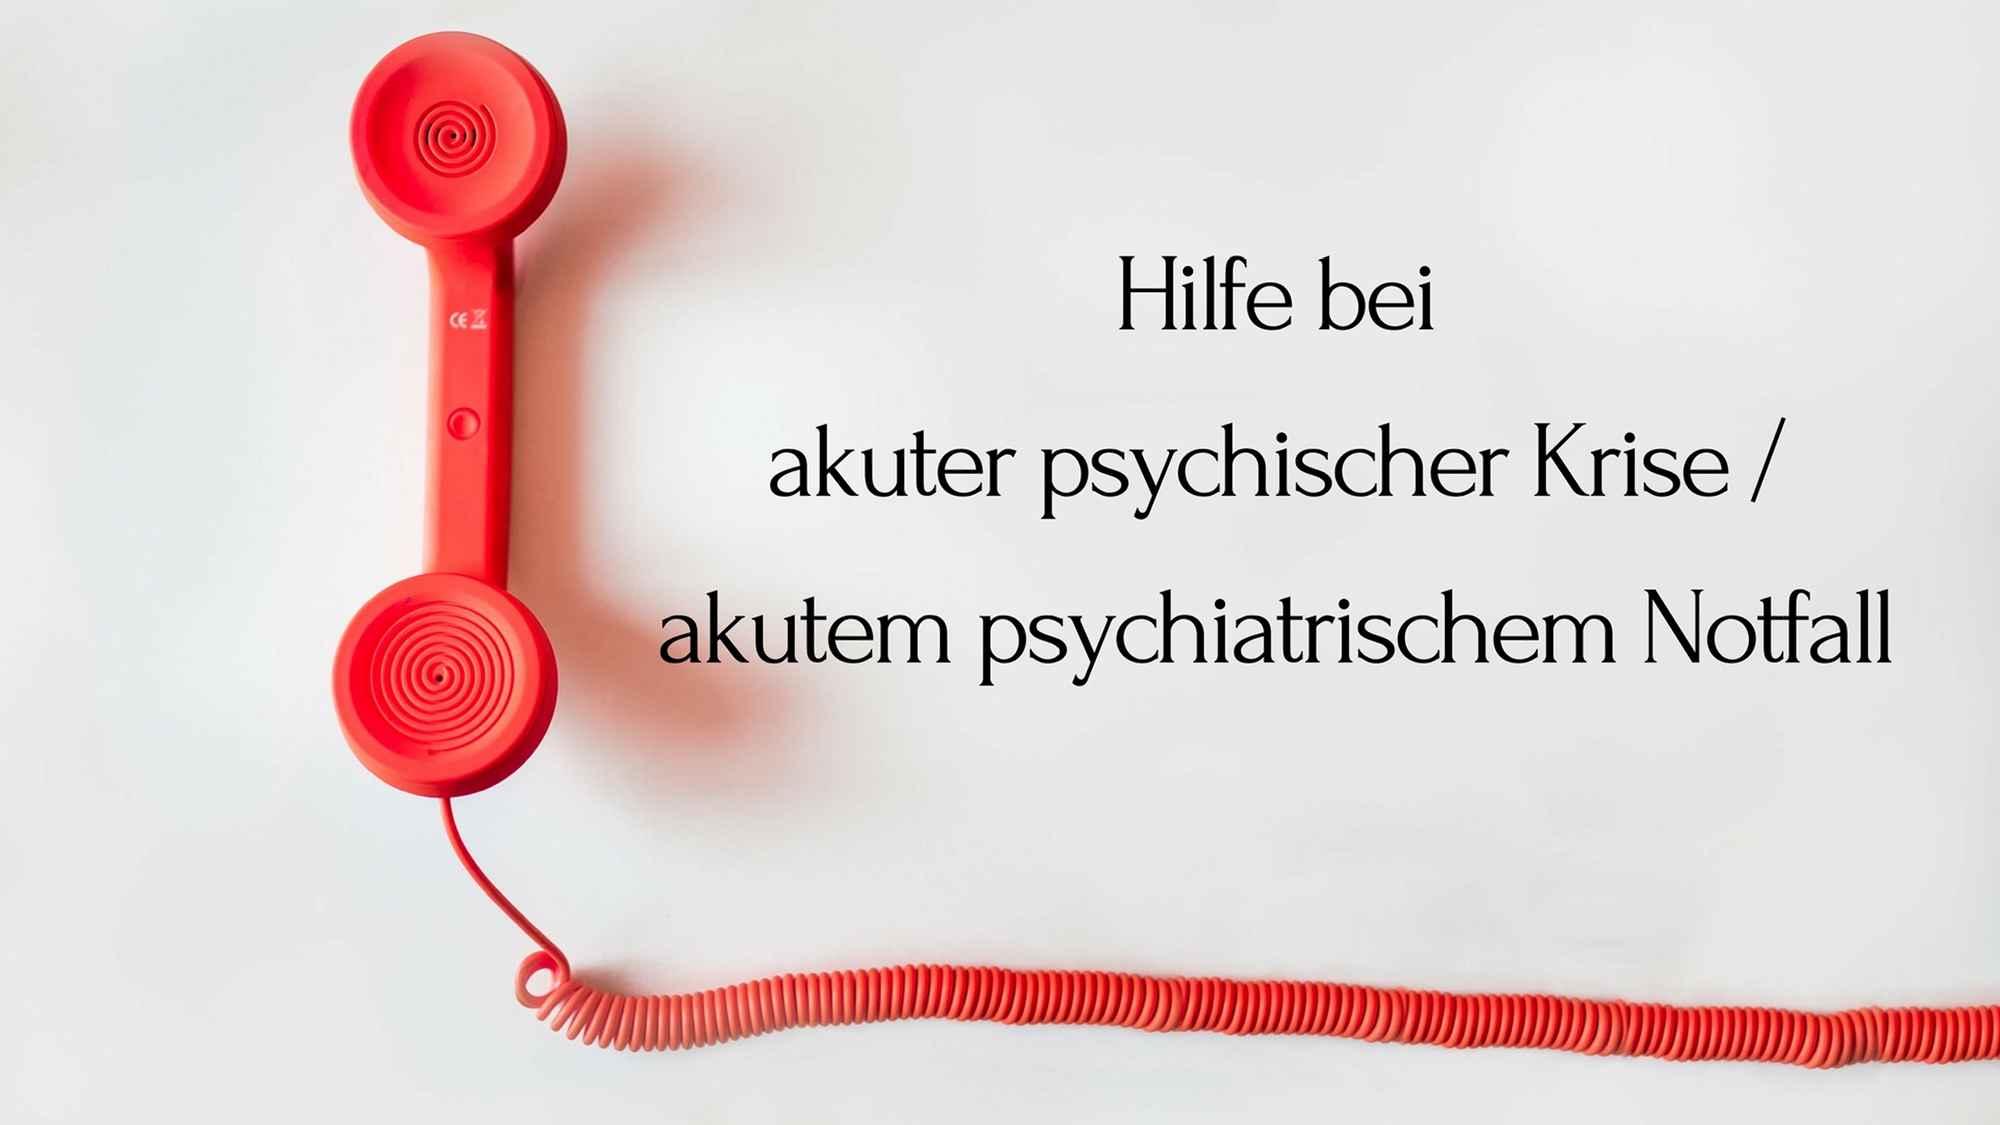 Akute Hilfe bei psychiatrischen Krisen